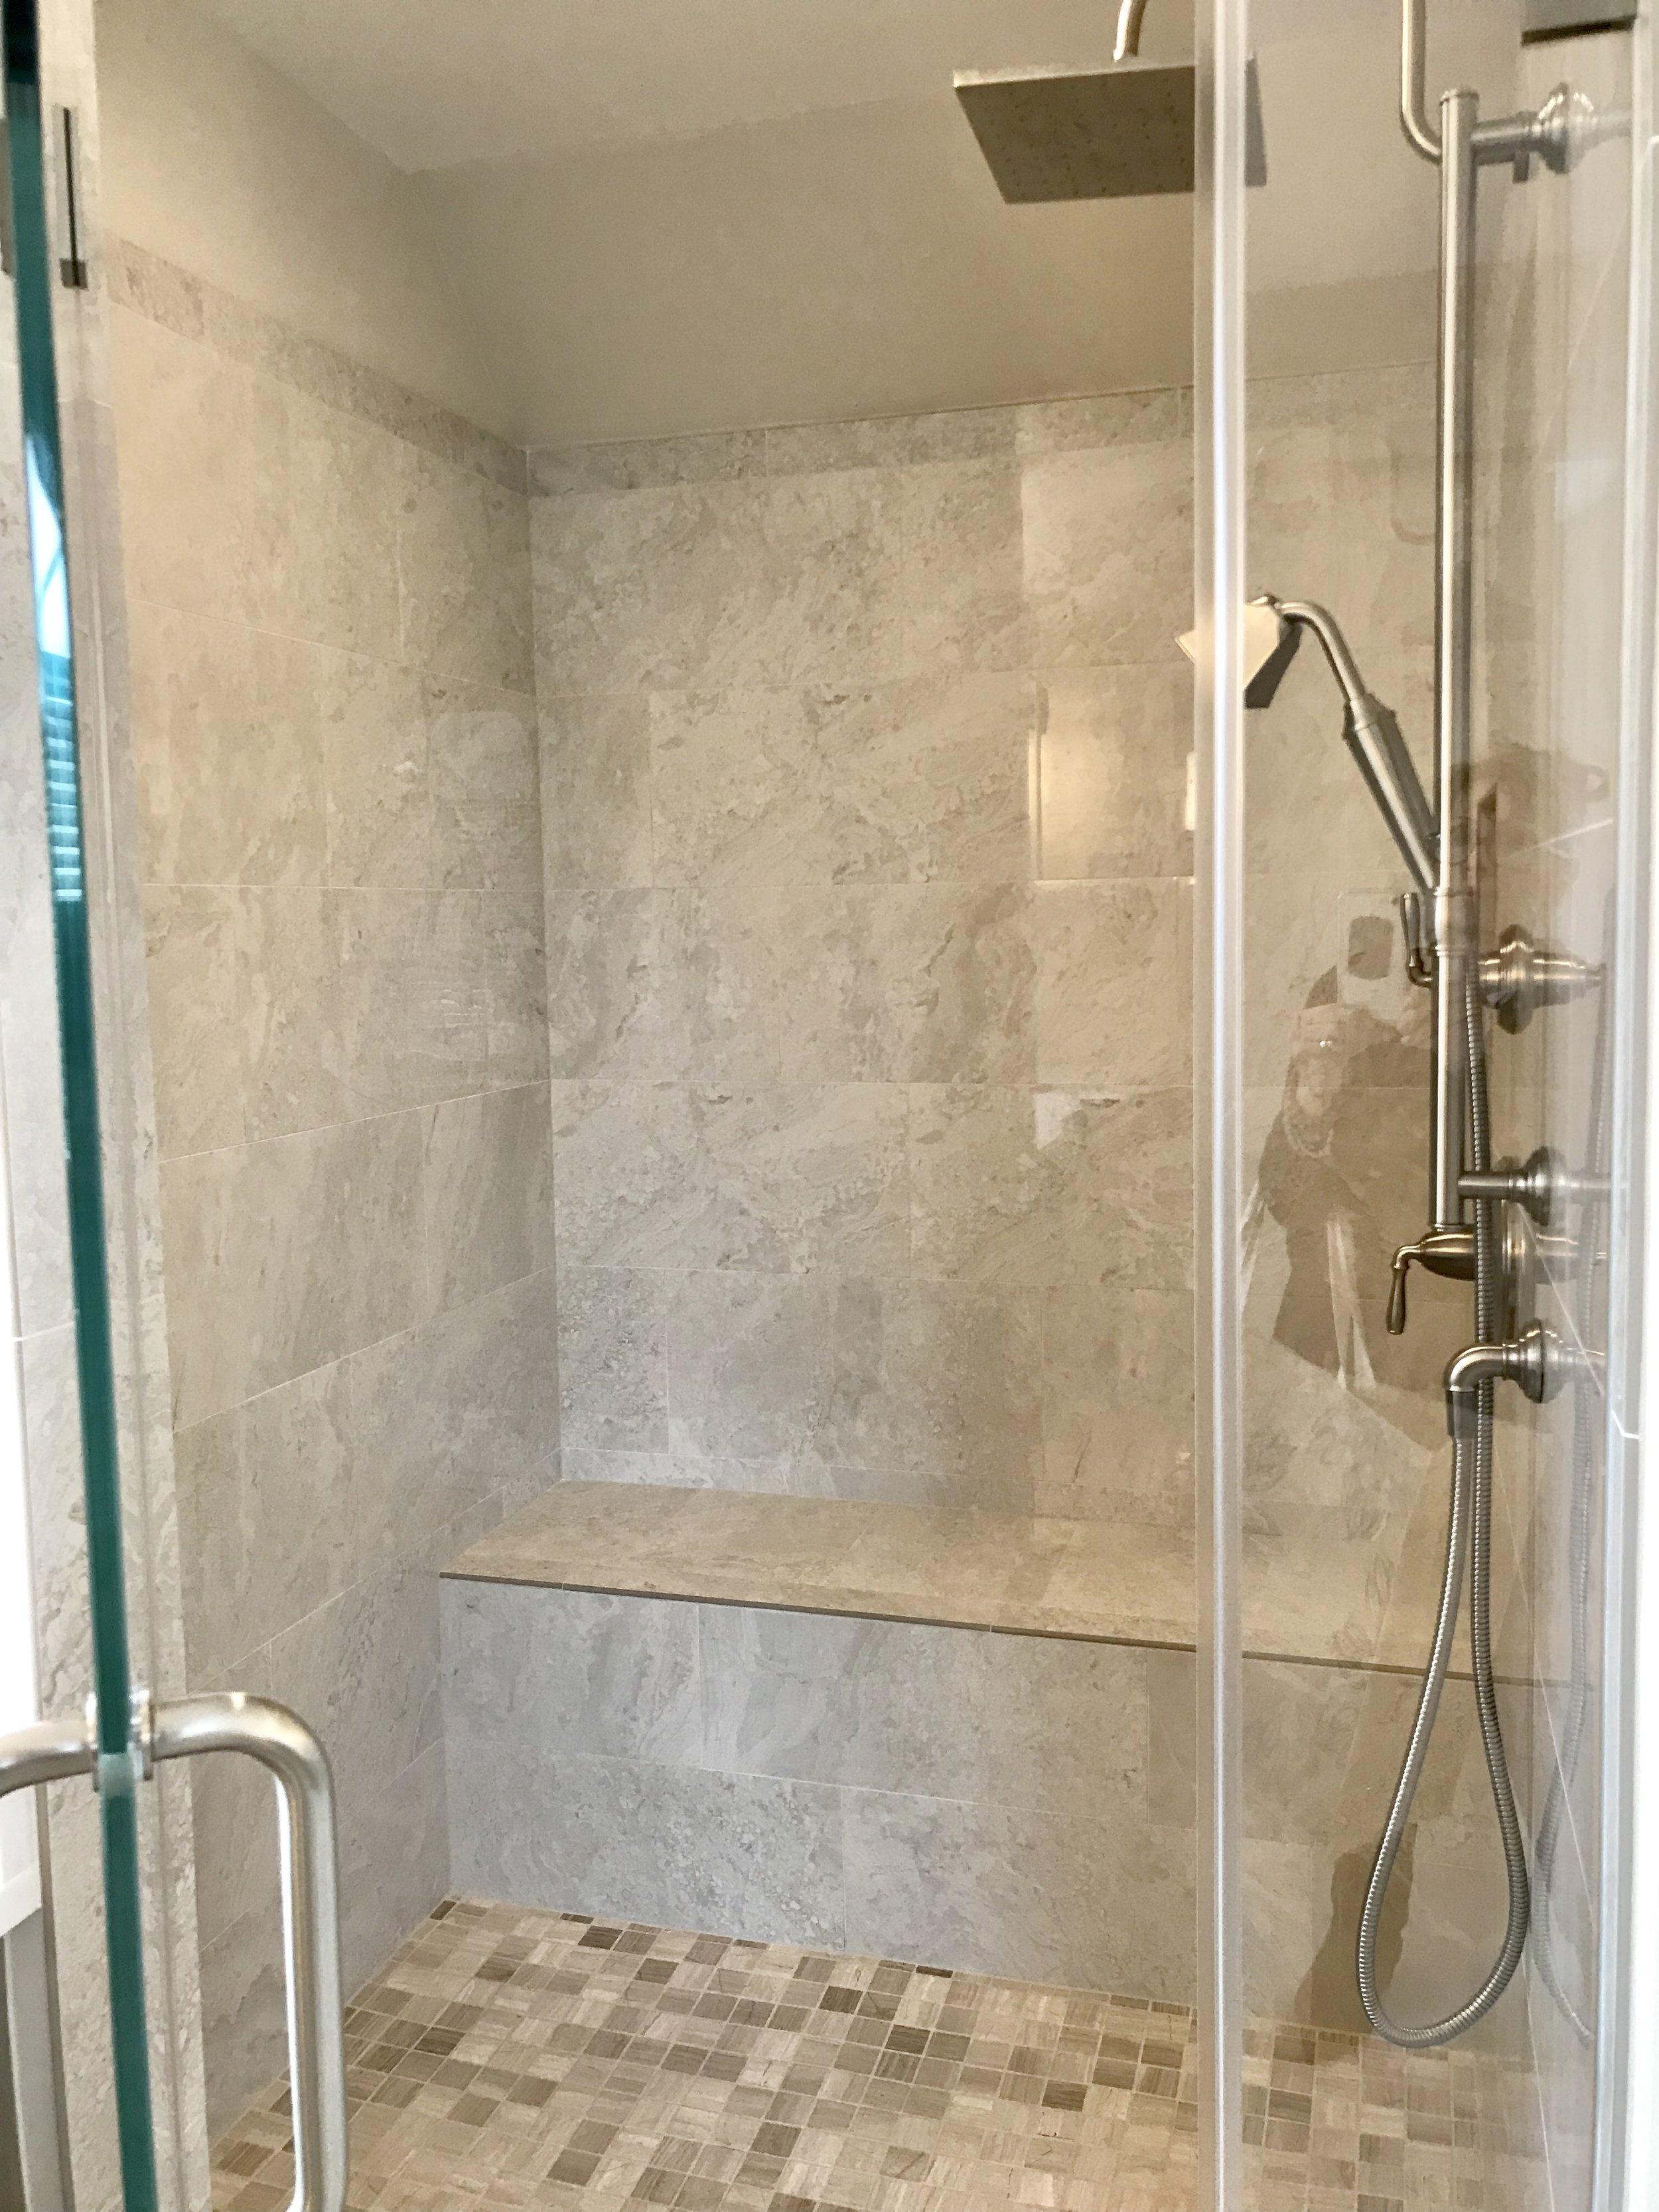 Bell Bathroom Shower After.jpg